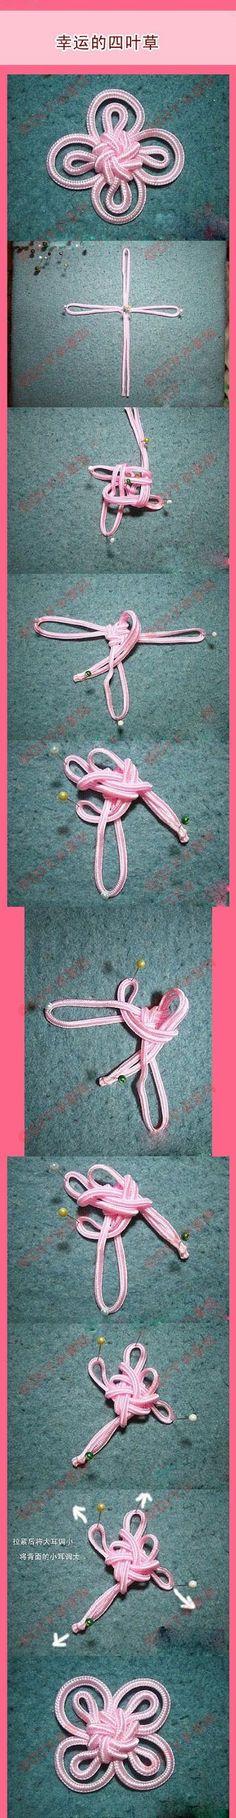 Este chinese knot parece muy complicado pero merece la pena intentarlo